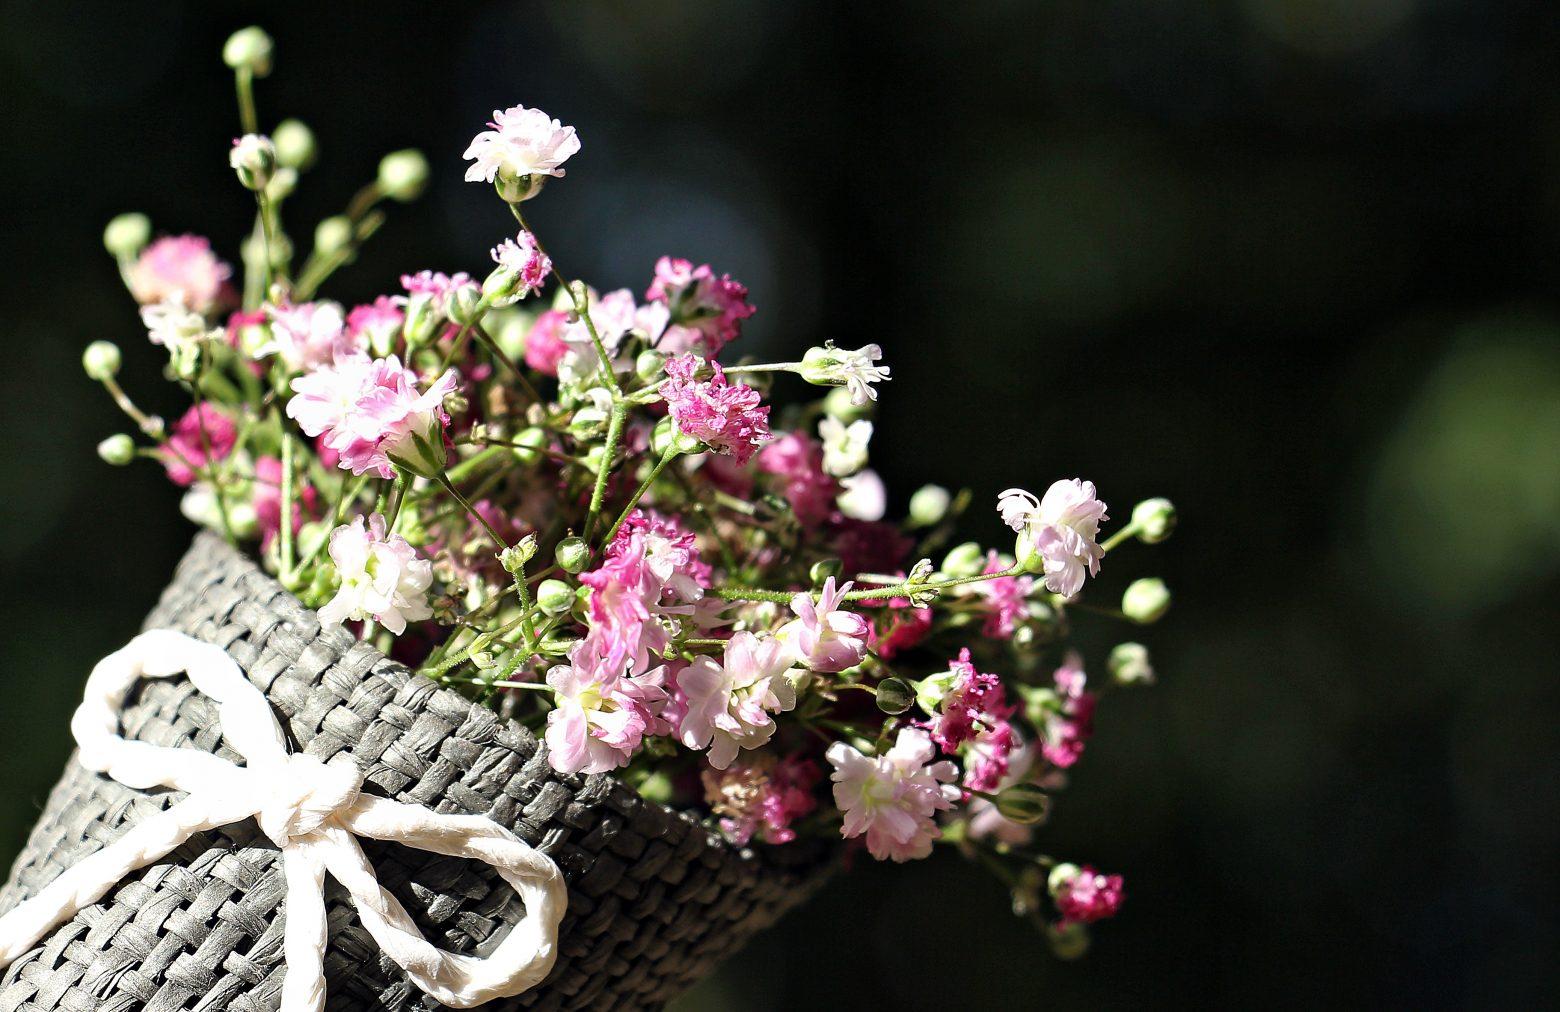 bag-gypsofilia-seeds-1716630